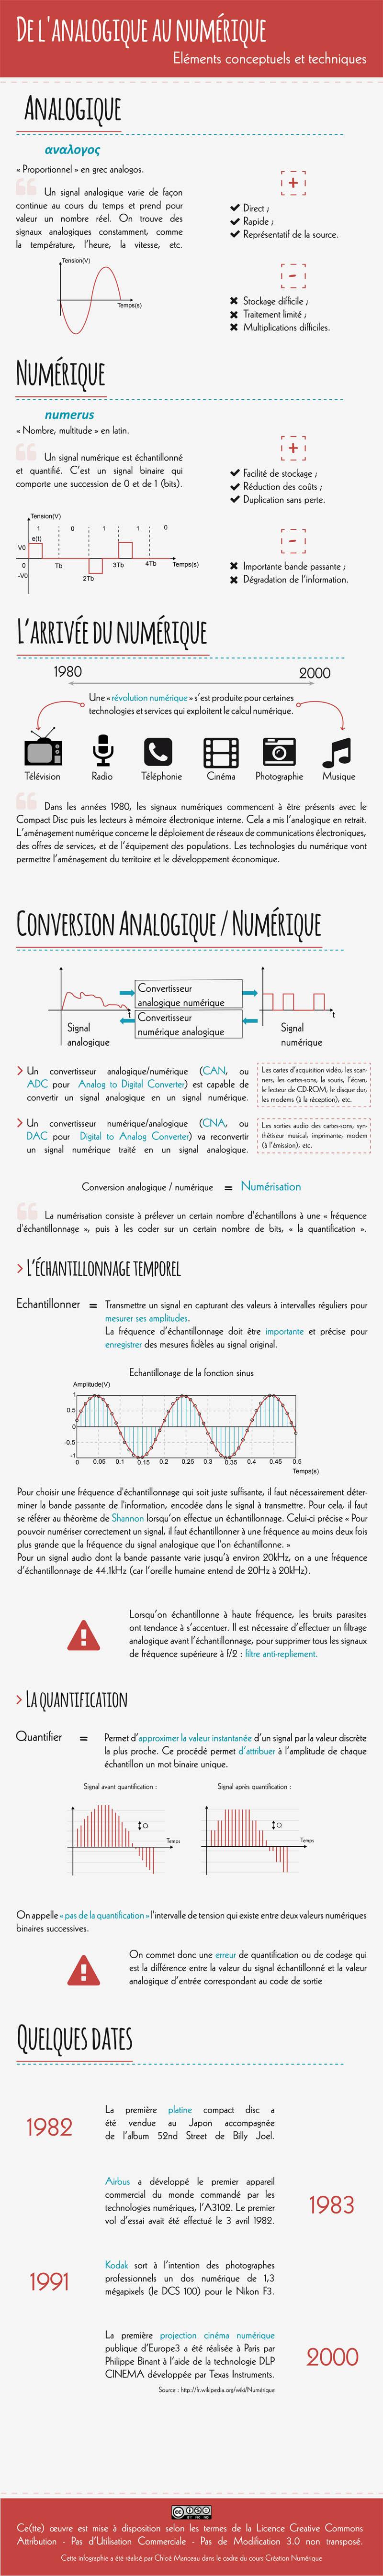 Infographie de l'analogique au numérique - Chloé Manceau